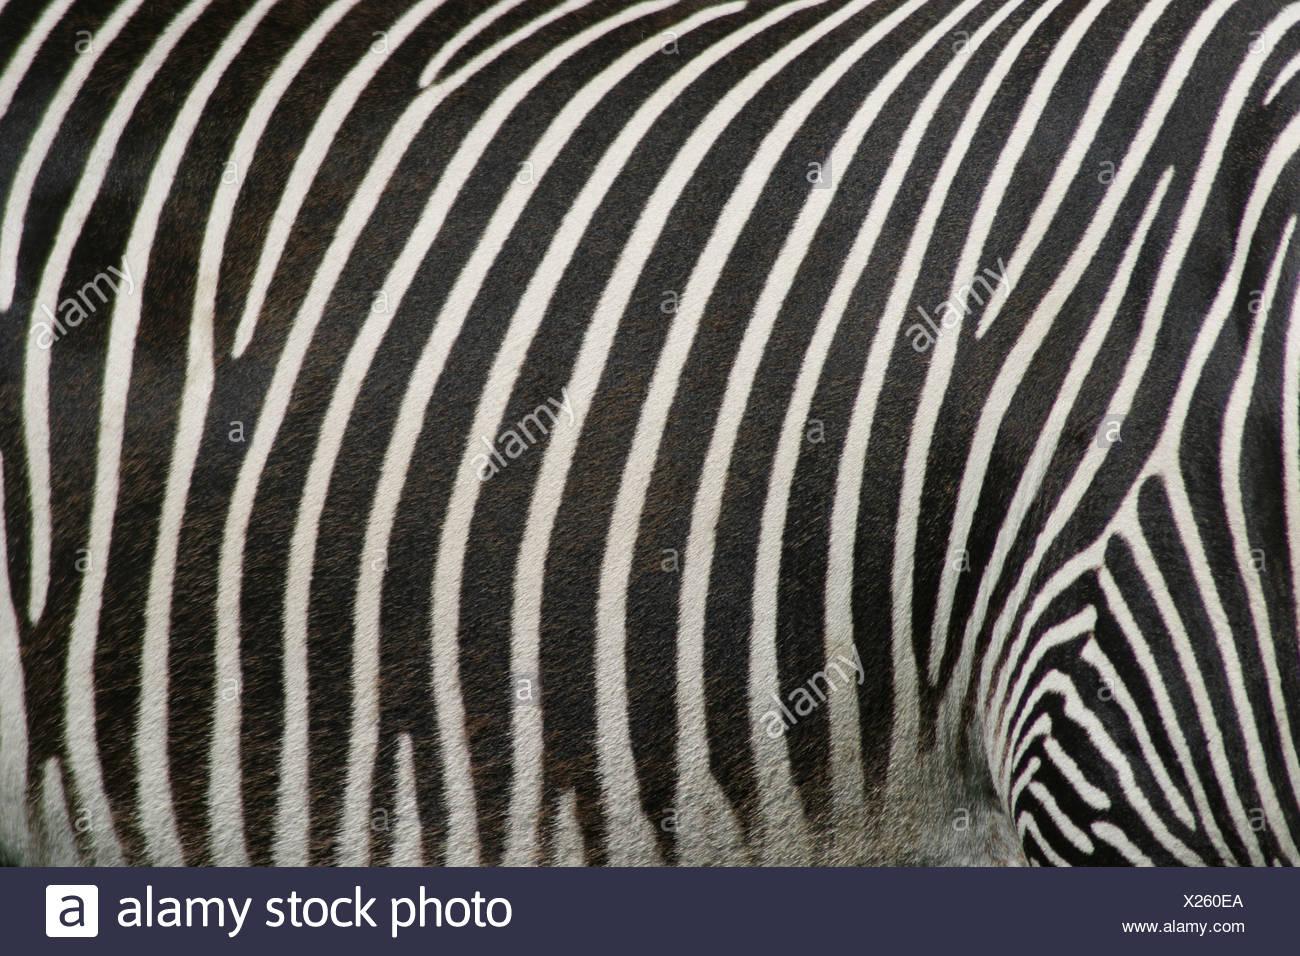 Chiusura del motivo bianco e nero su una zebra Foto Stock